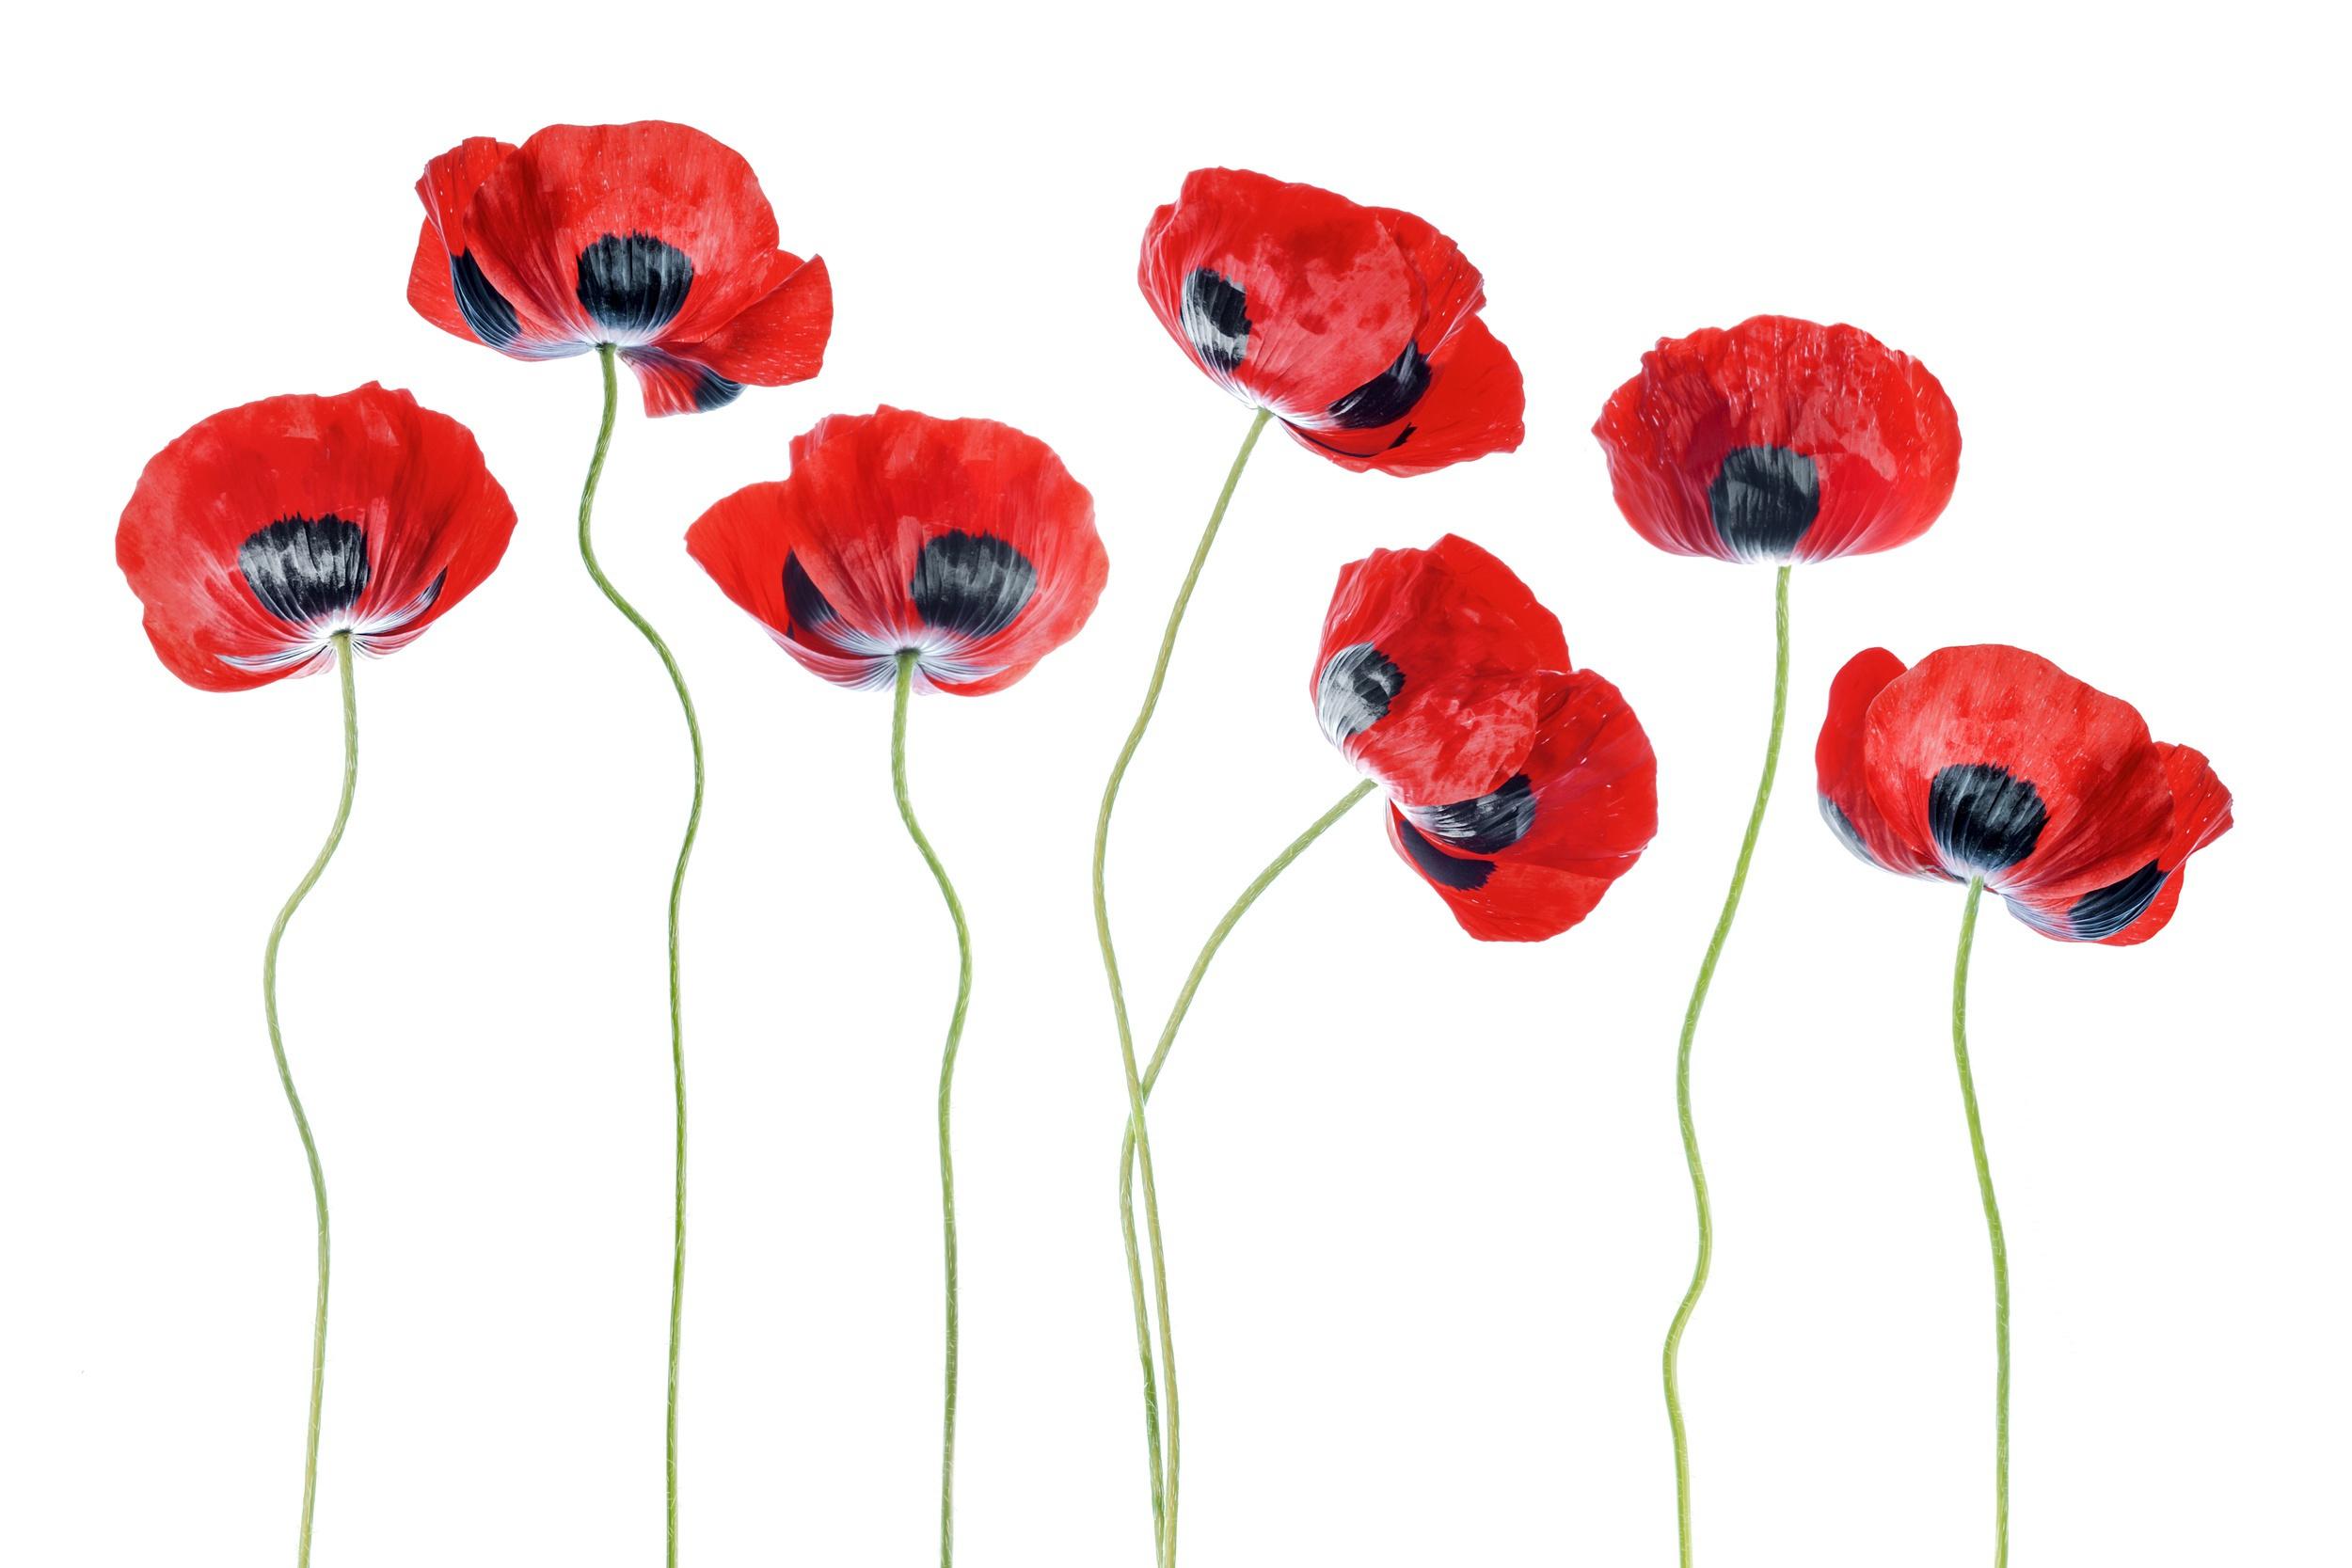 Аниме картинка цветок мак